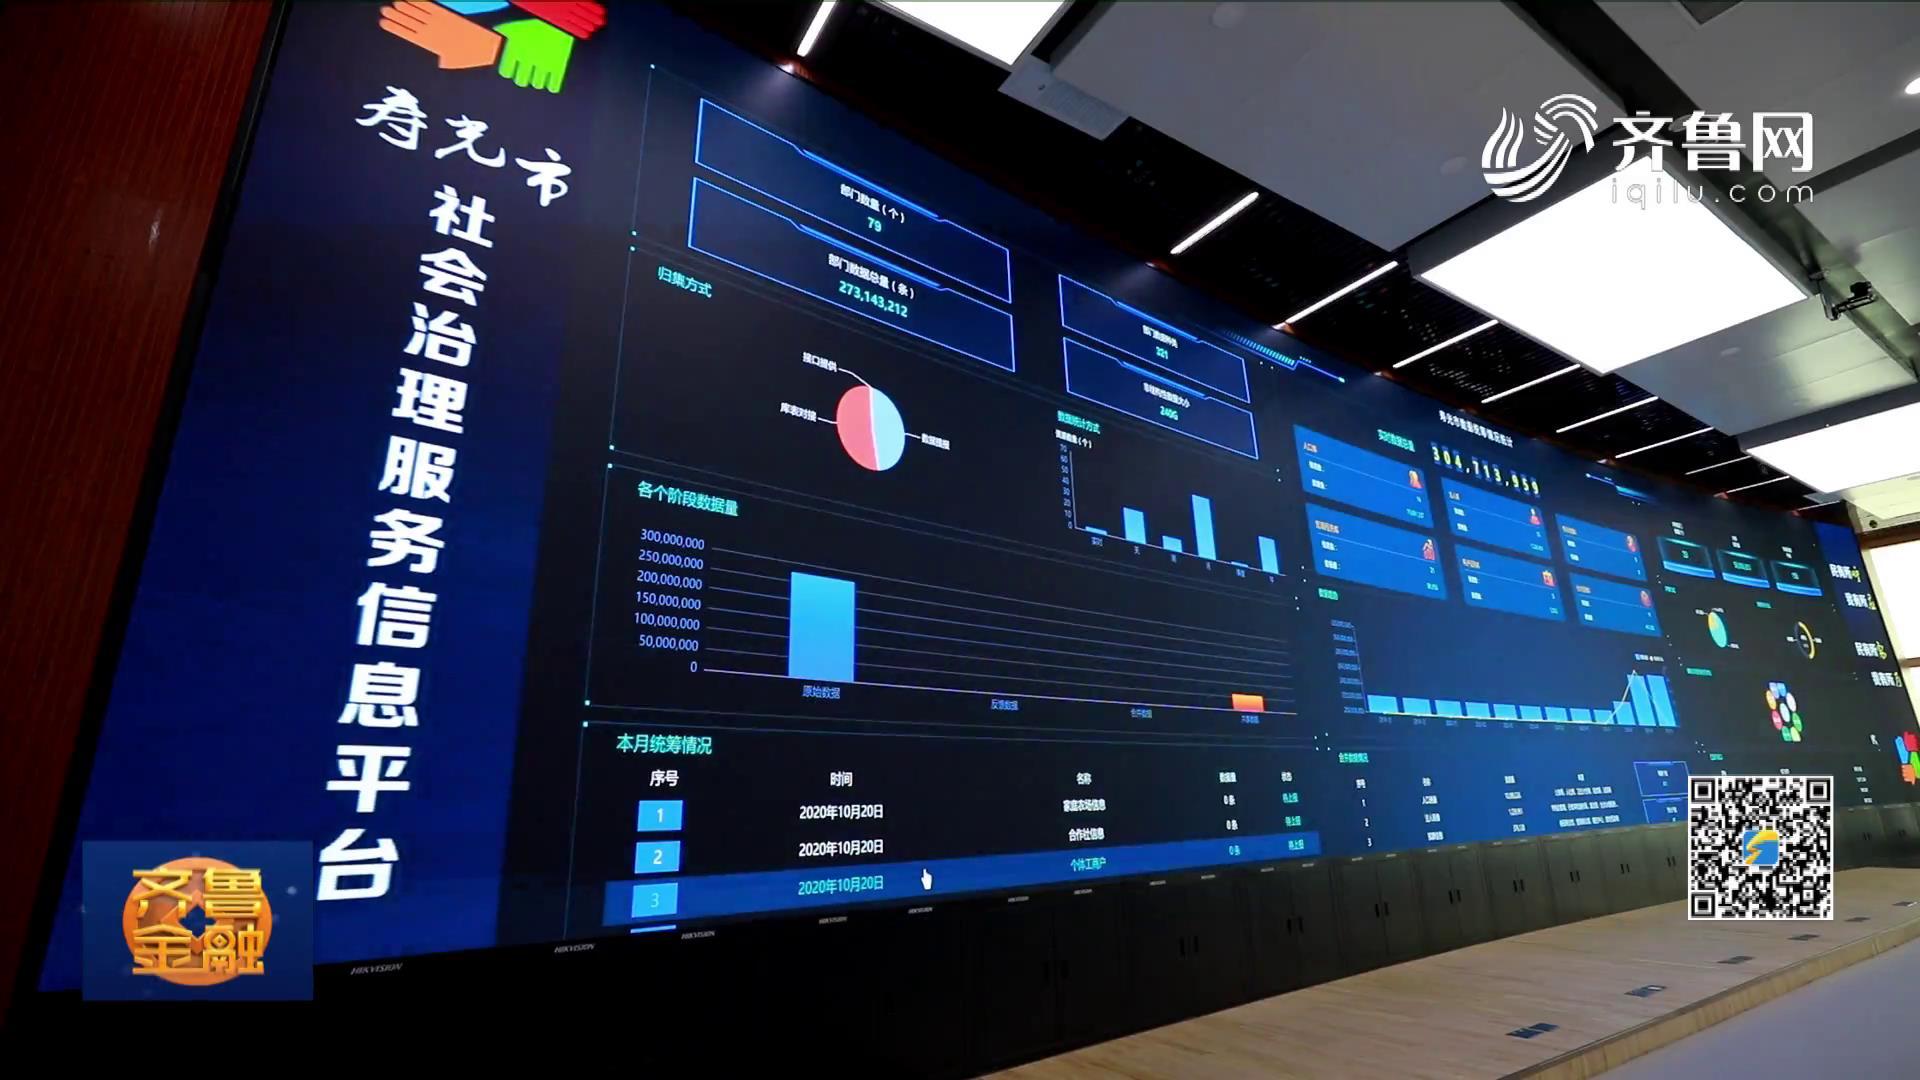 山东:加快数字赋能步伐 新型智慧城市建设提速《齐鲁金融》20201111播出